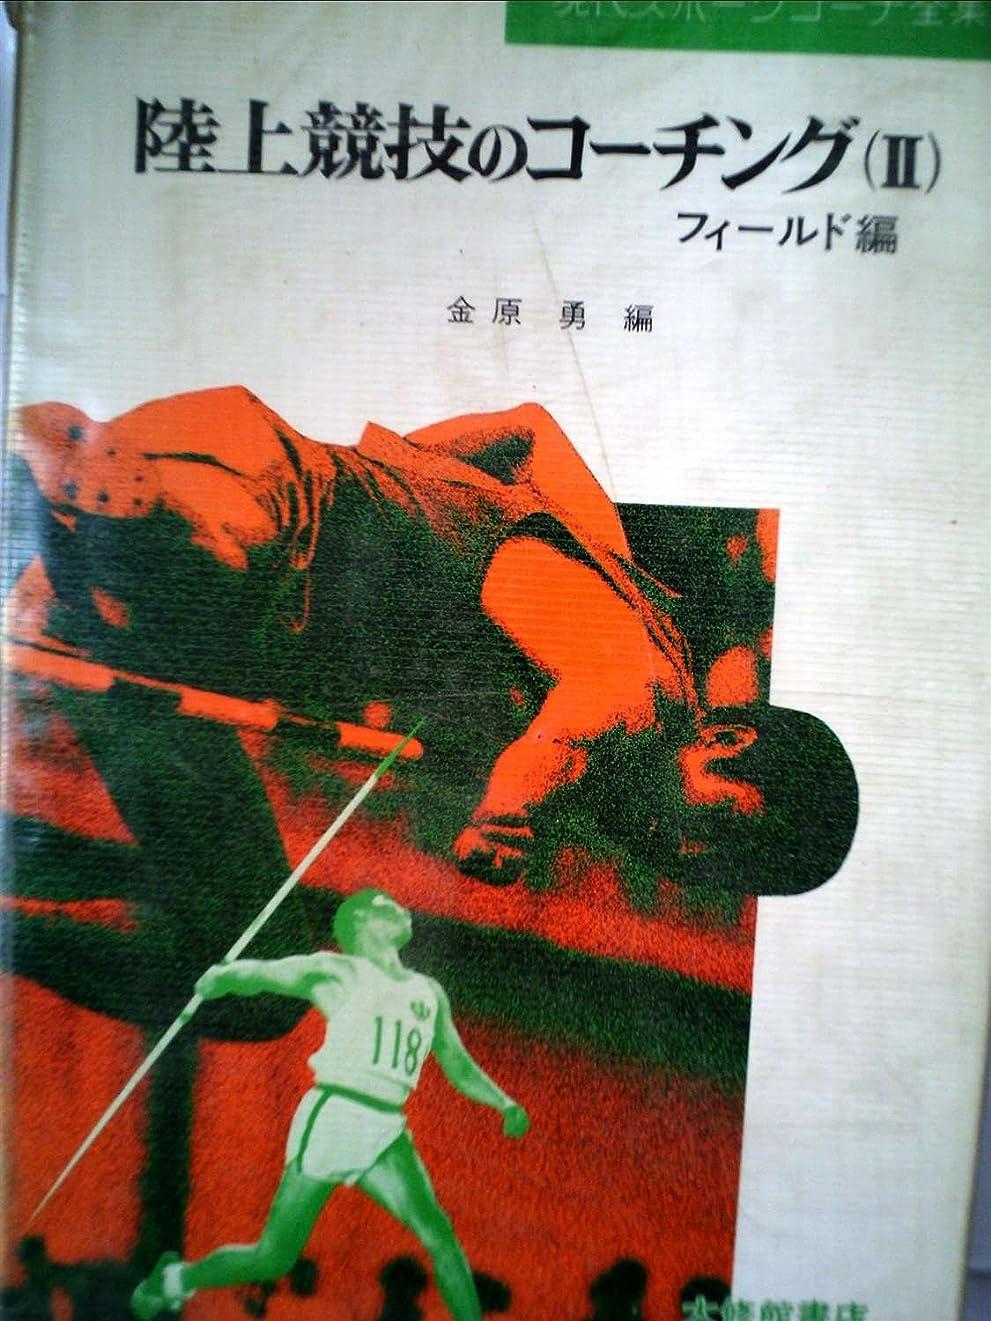 違反するトライアスリートテクニカル陸上競技のコーチング〈2〉フィールド編 (1976年) (現代スポーツコーチ全集)